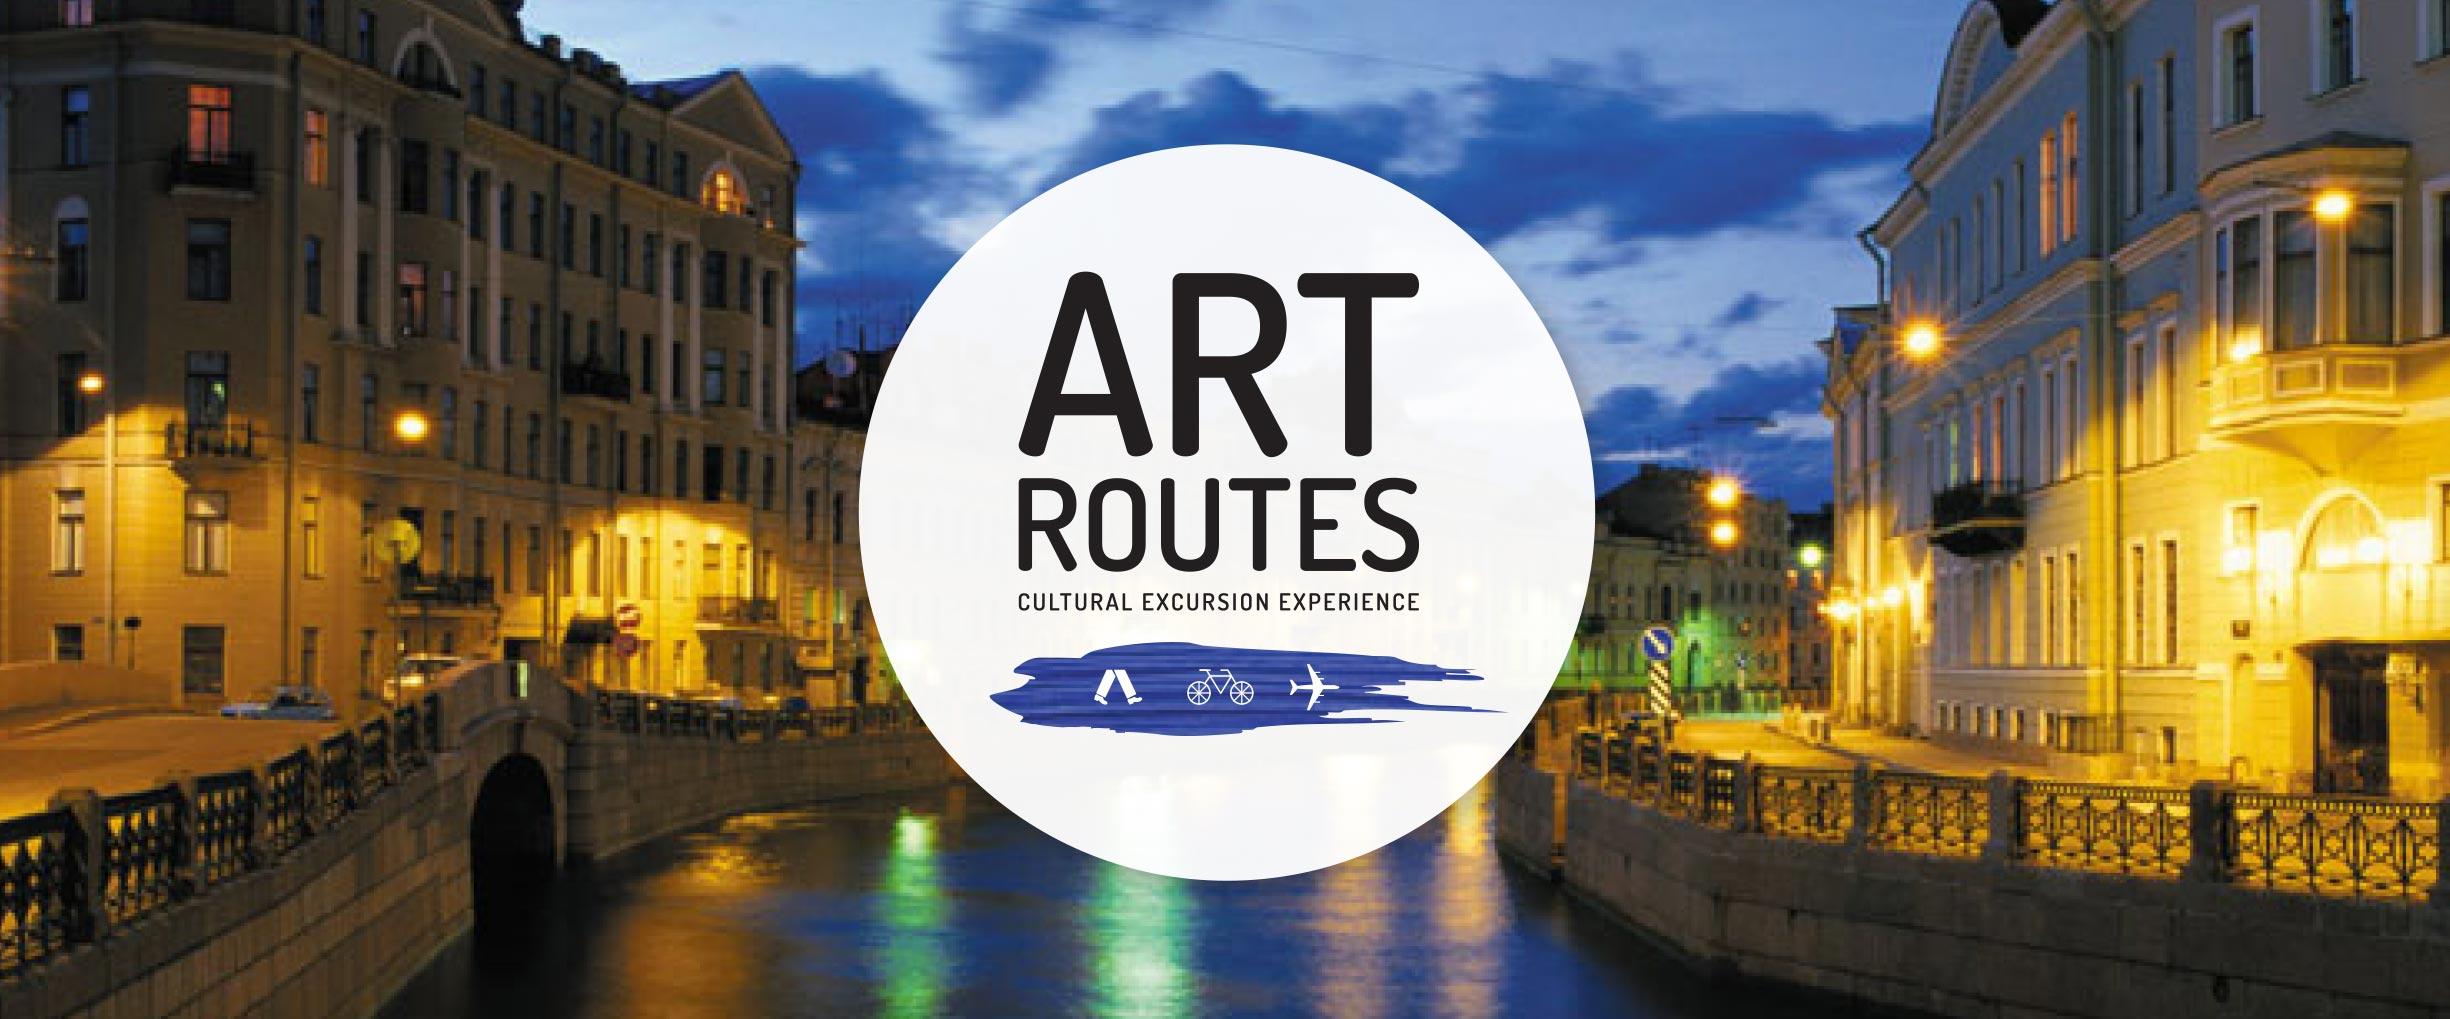 Cultural excursion tours